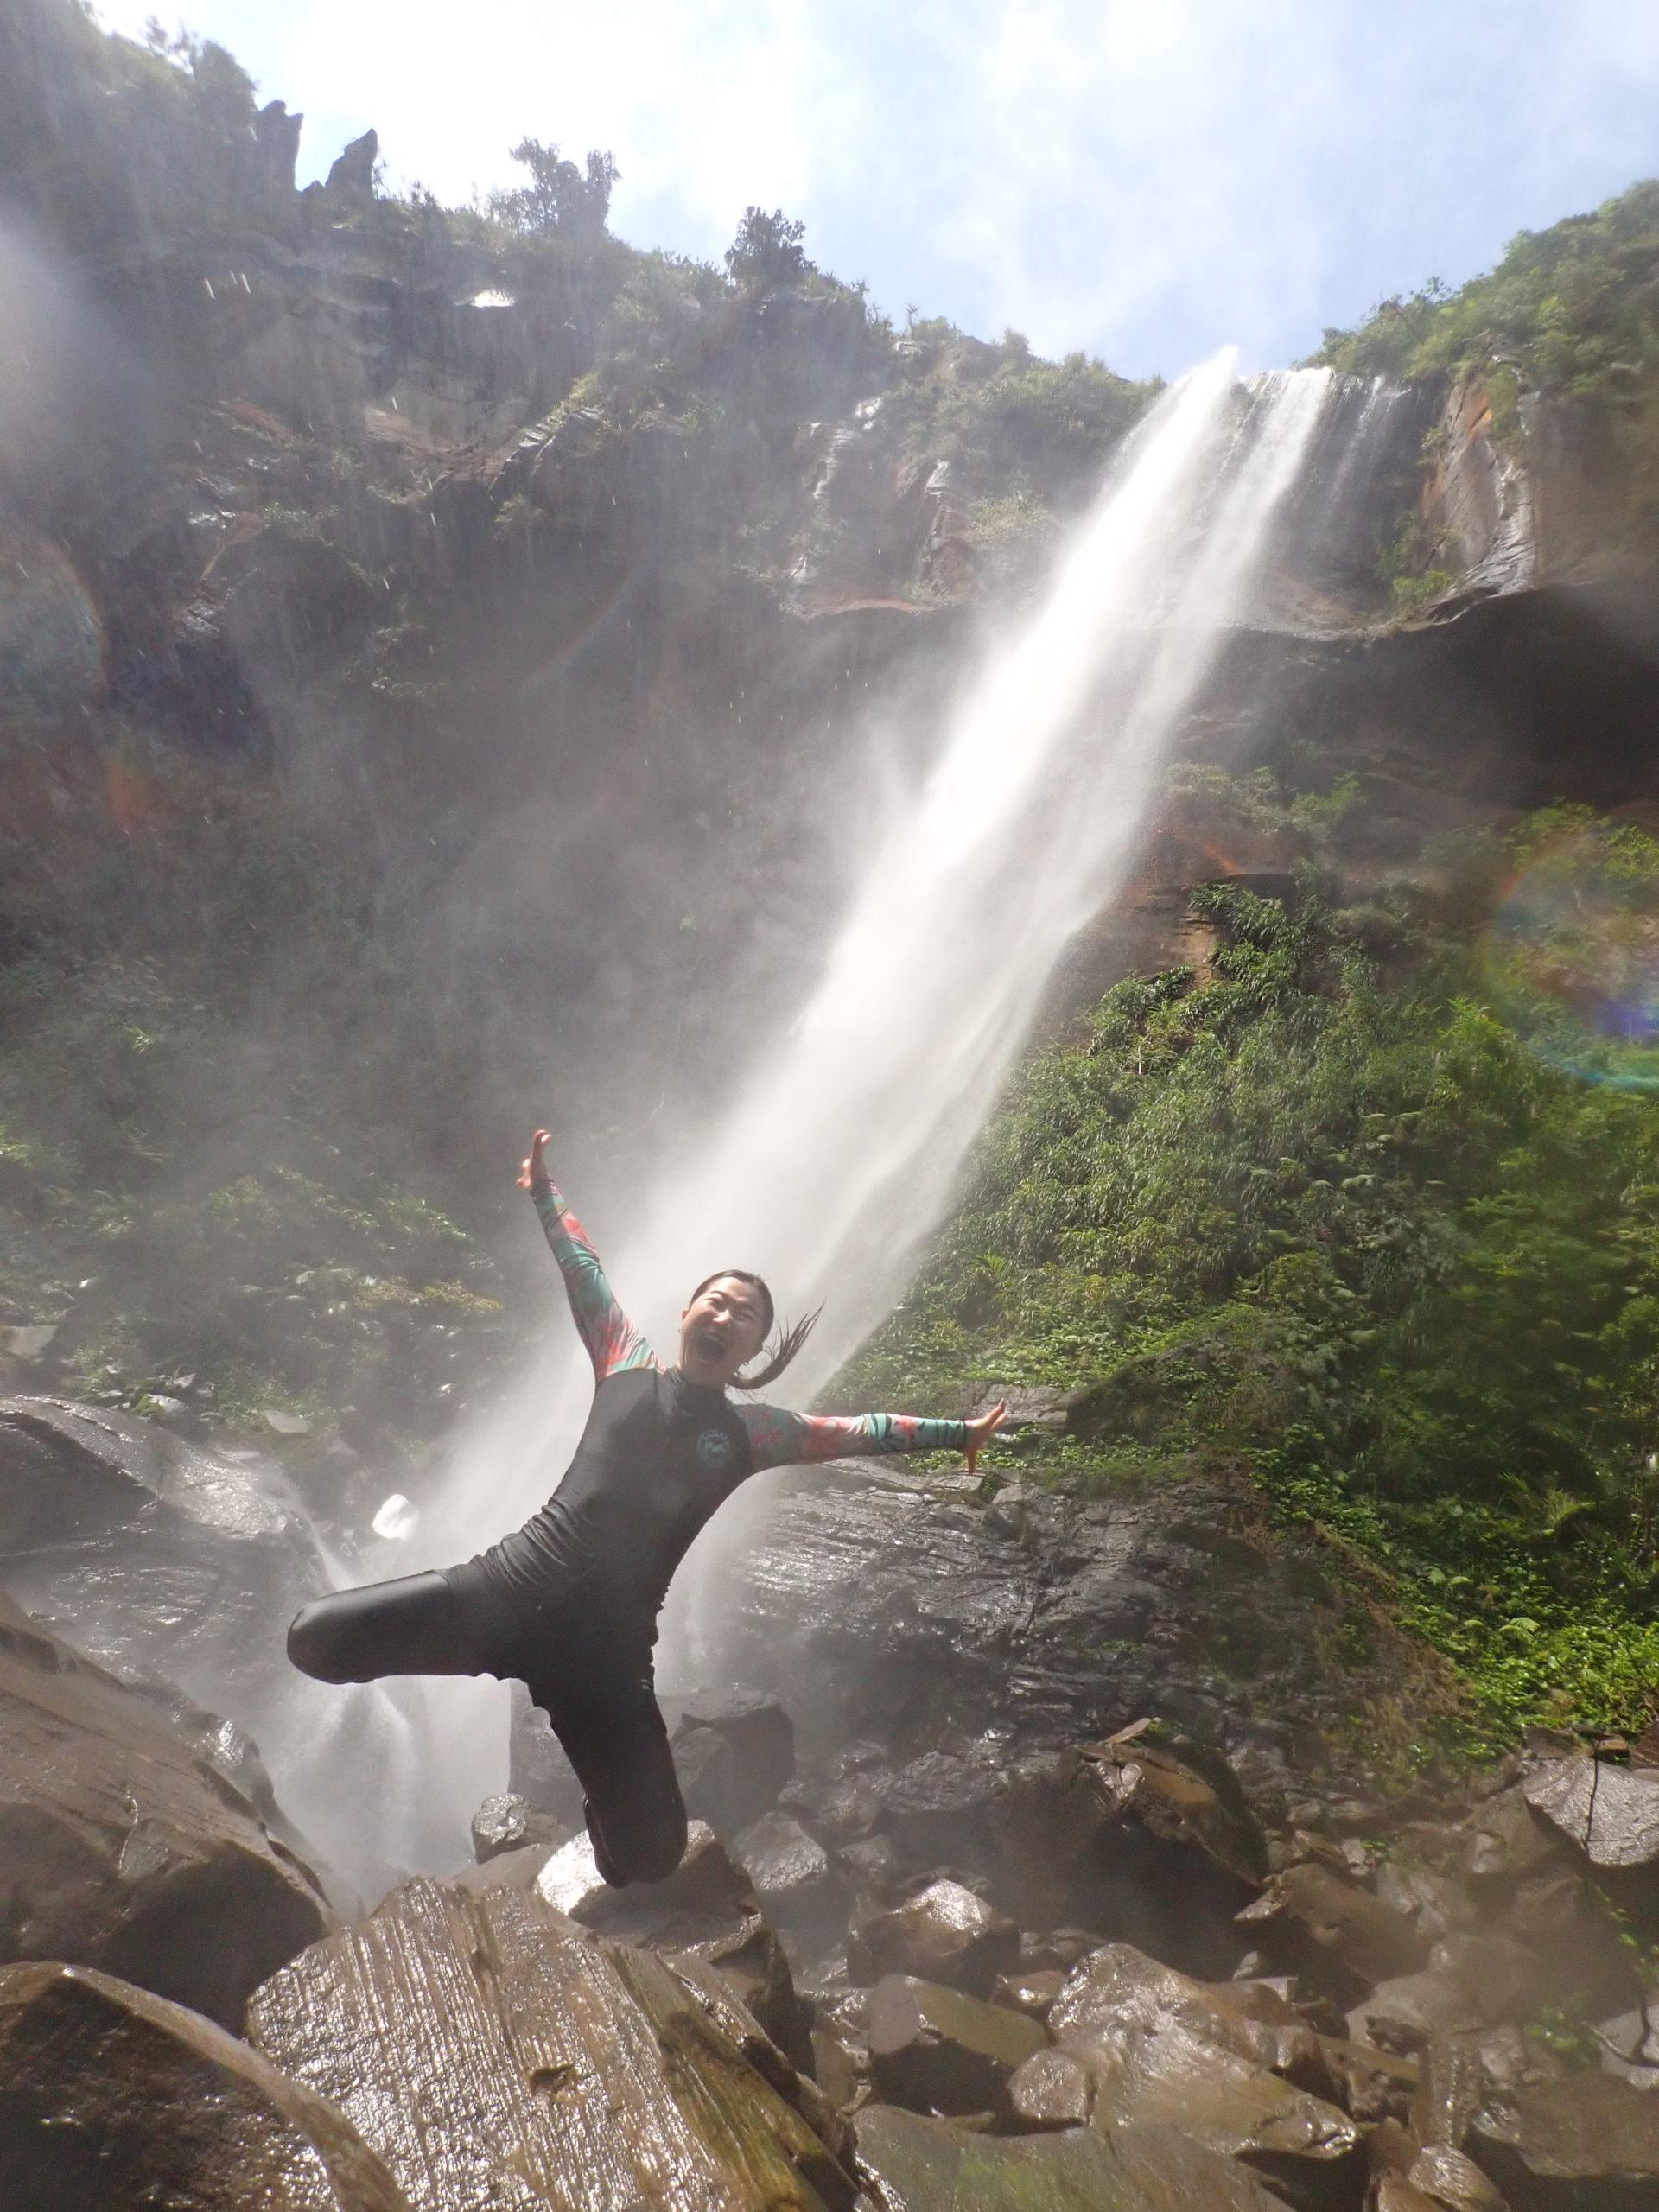 早起きは得だらけ!半日ピナイサーラの滝カヌーツアー